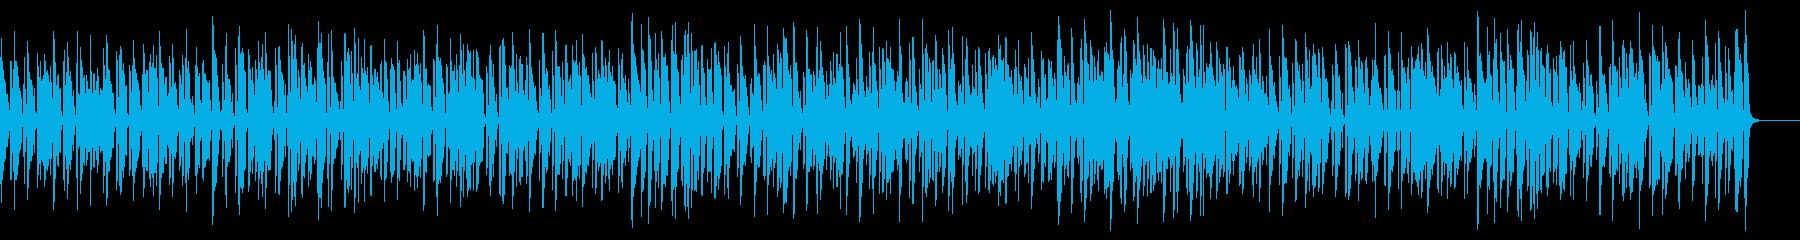 軽やかでお洒落なボサノバで名曲の再生済みの波形